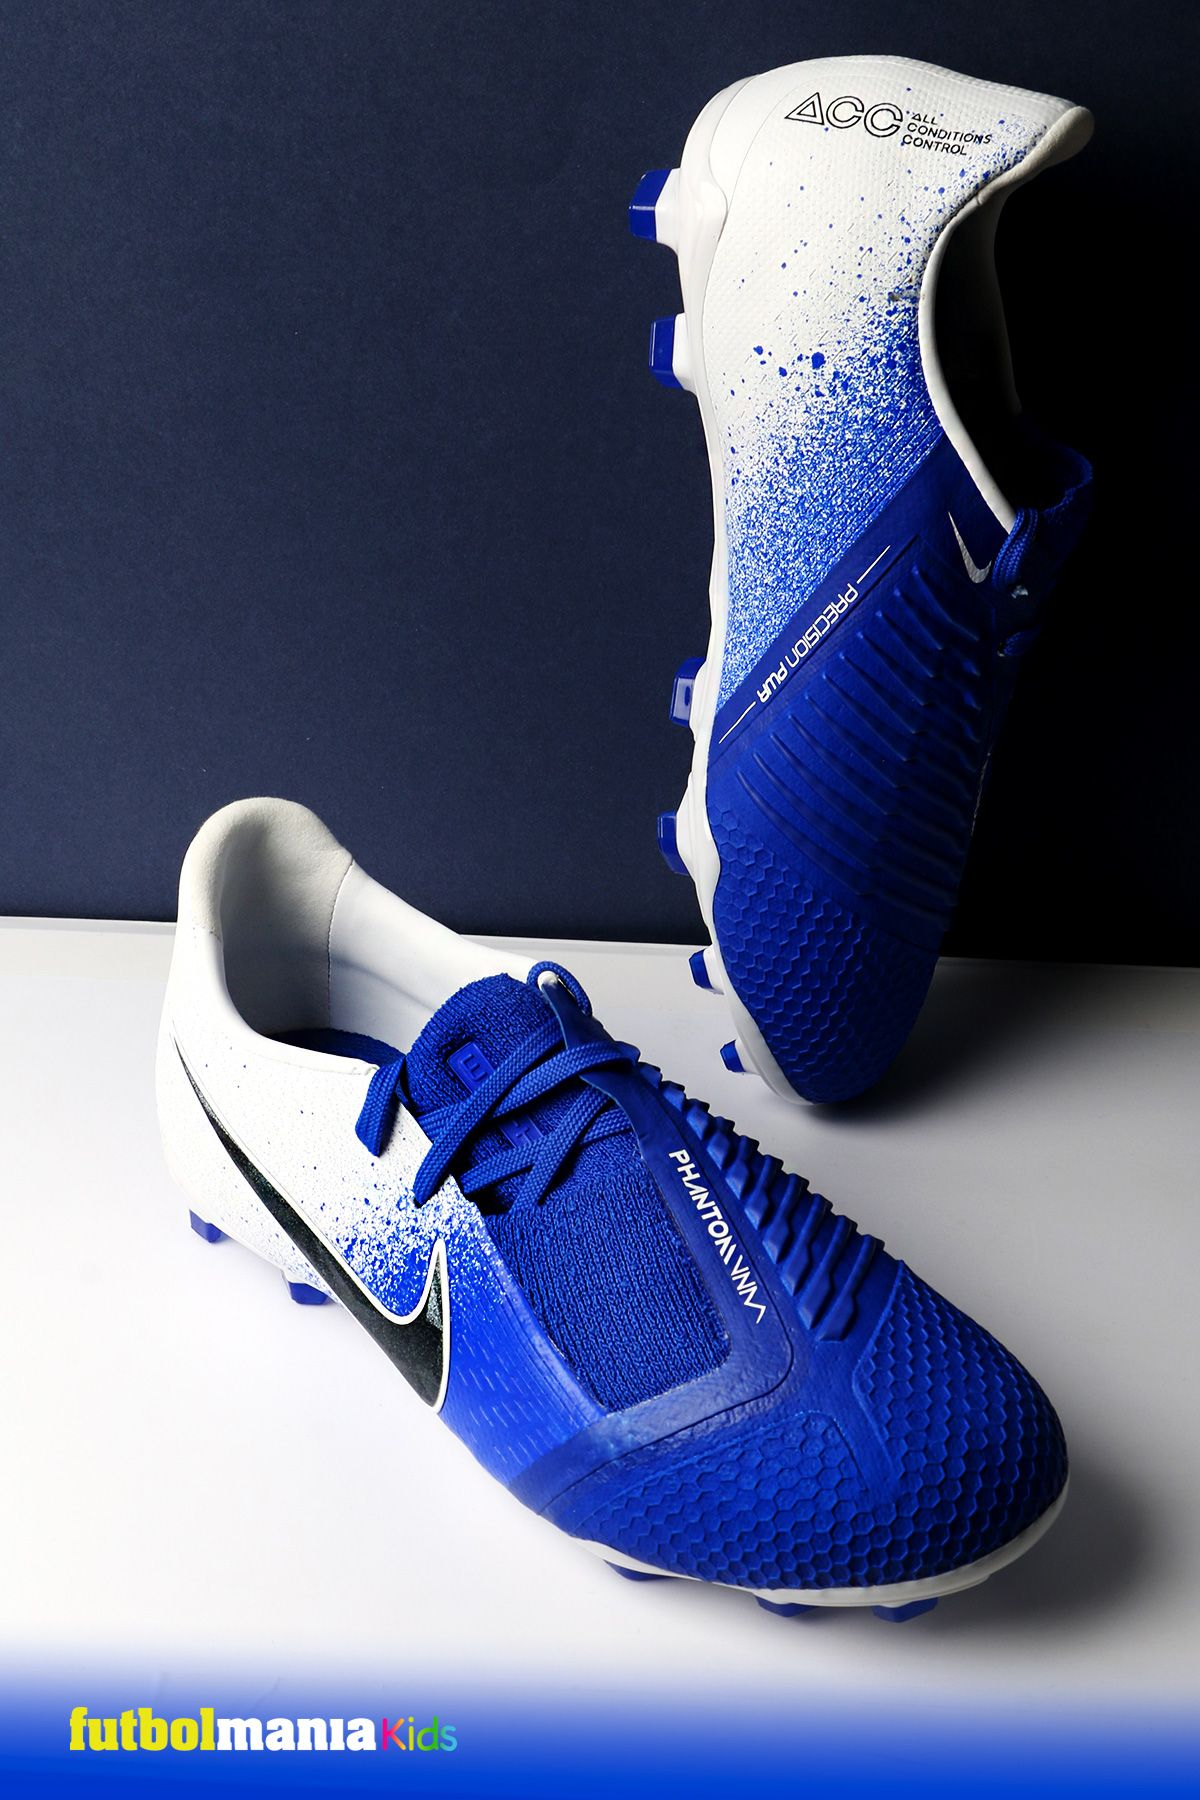 Nike Nos Euphoria Presenta Colores Colección Potentes La ModeCon cA54S3jqRL